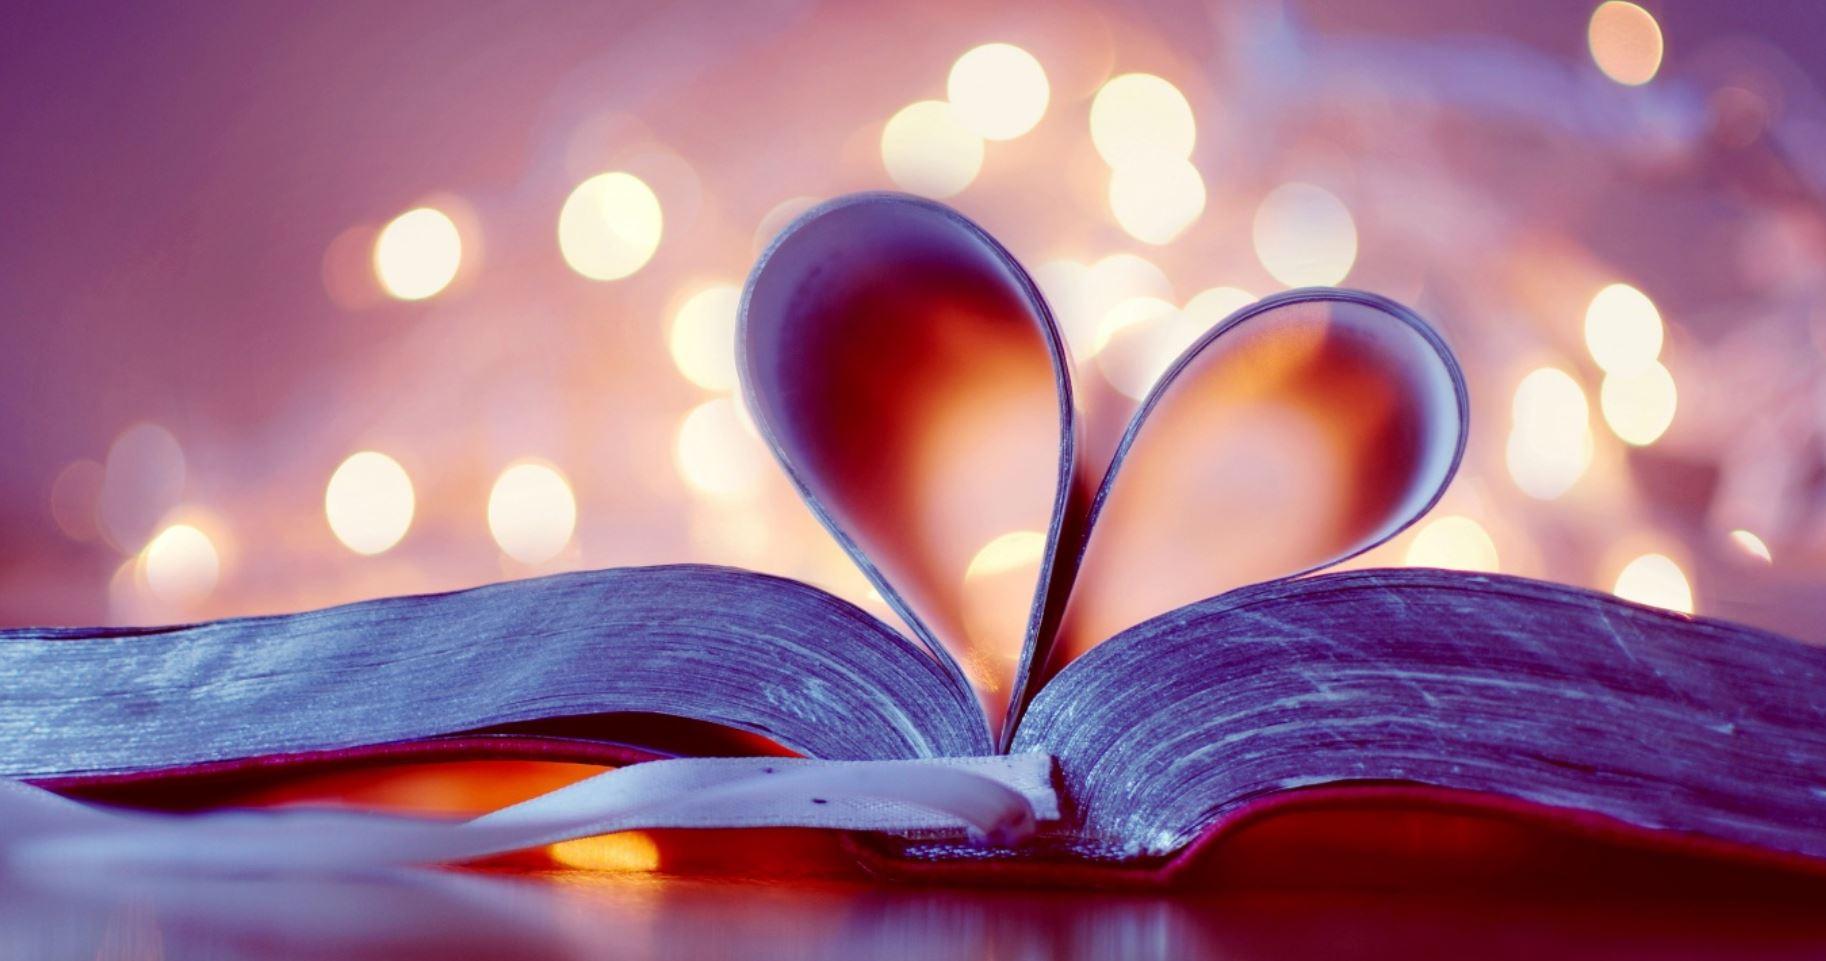 Il Significato Di Amore In Una Lettera Noi Siamo Futuro